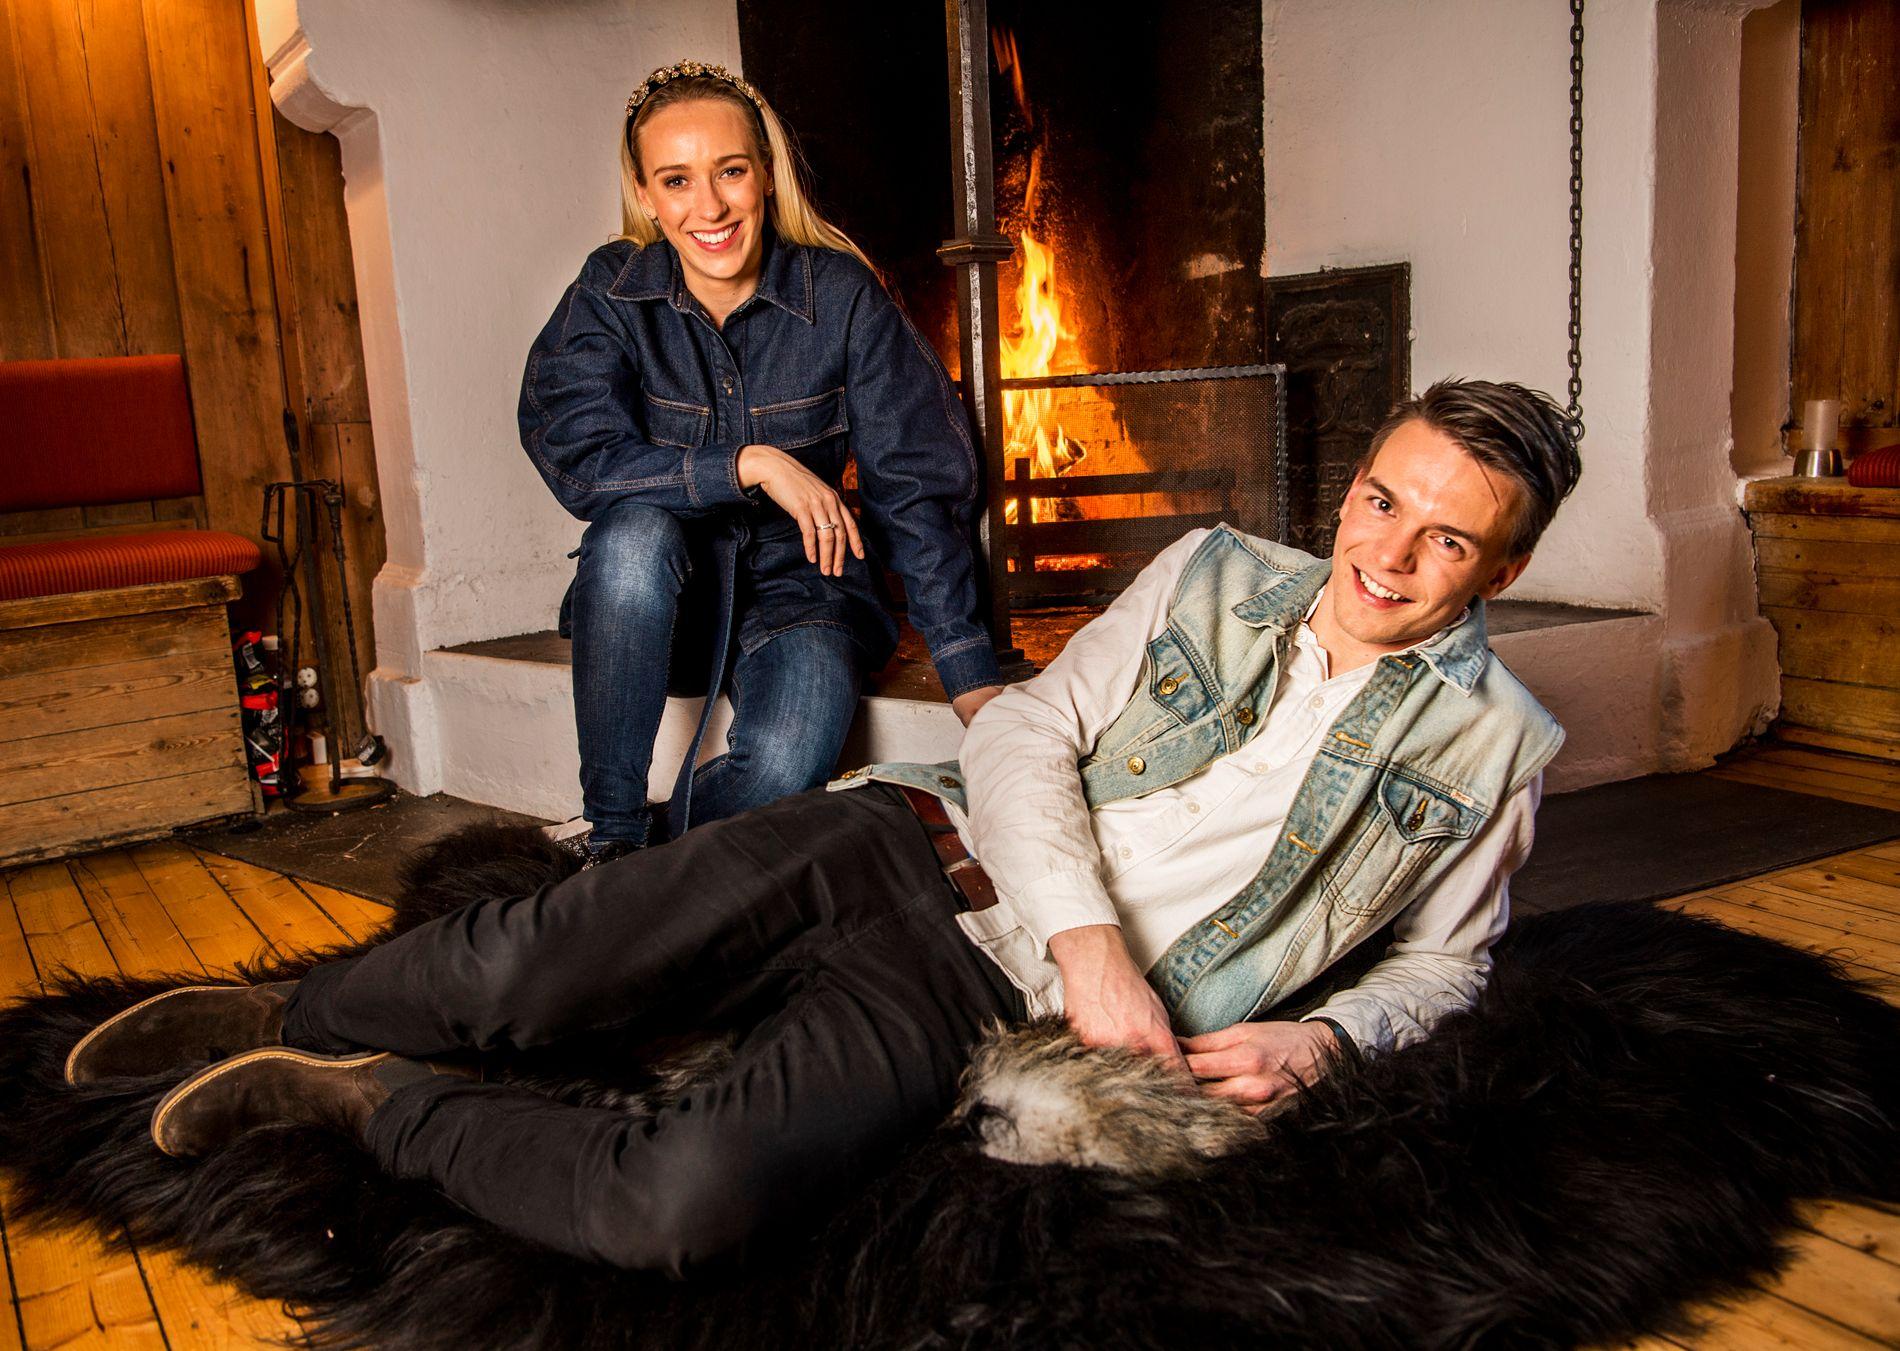 PRØVER IGJEN: Simen Gjølberg, her sammen med Katarina Flatland, fikk ikke helklaff i fjorårets «Jakten på kjærligheten», men nå prøver han seg igjen.